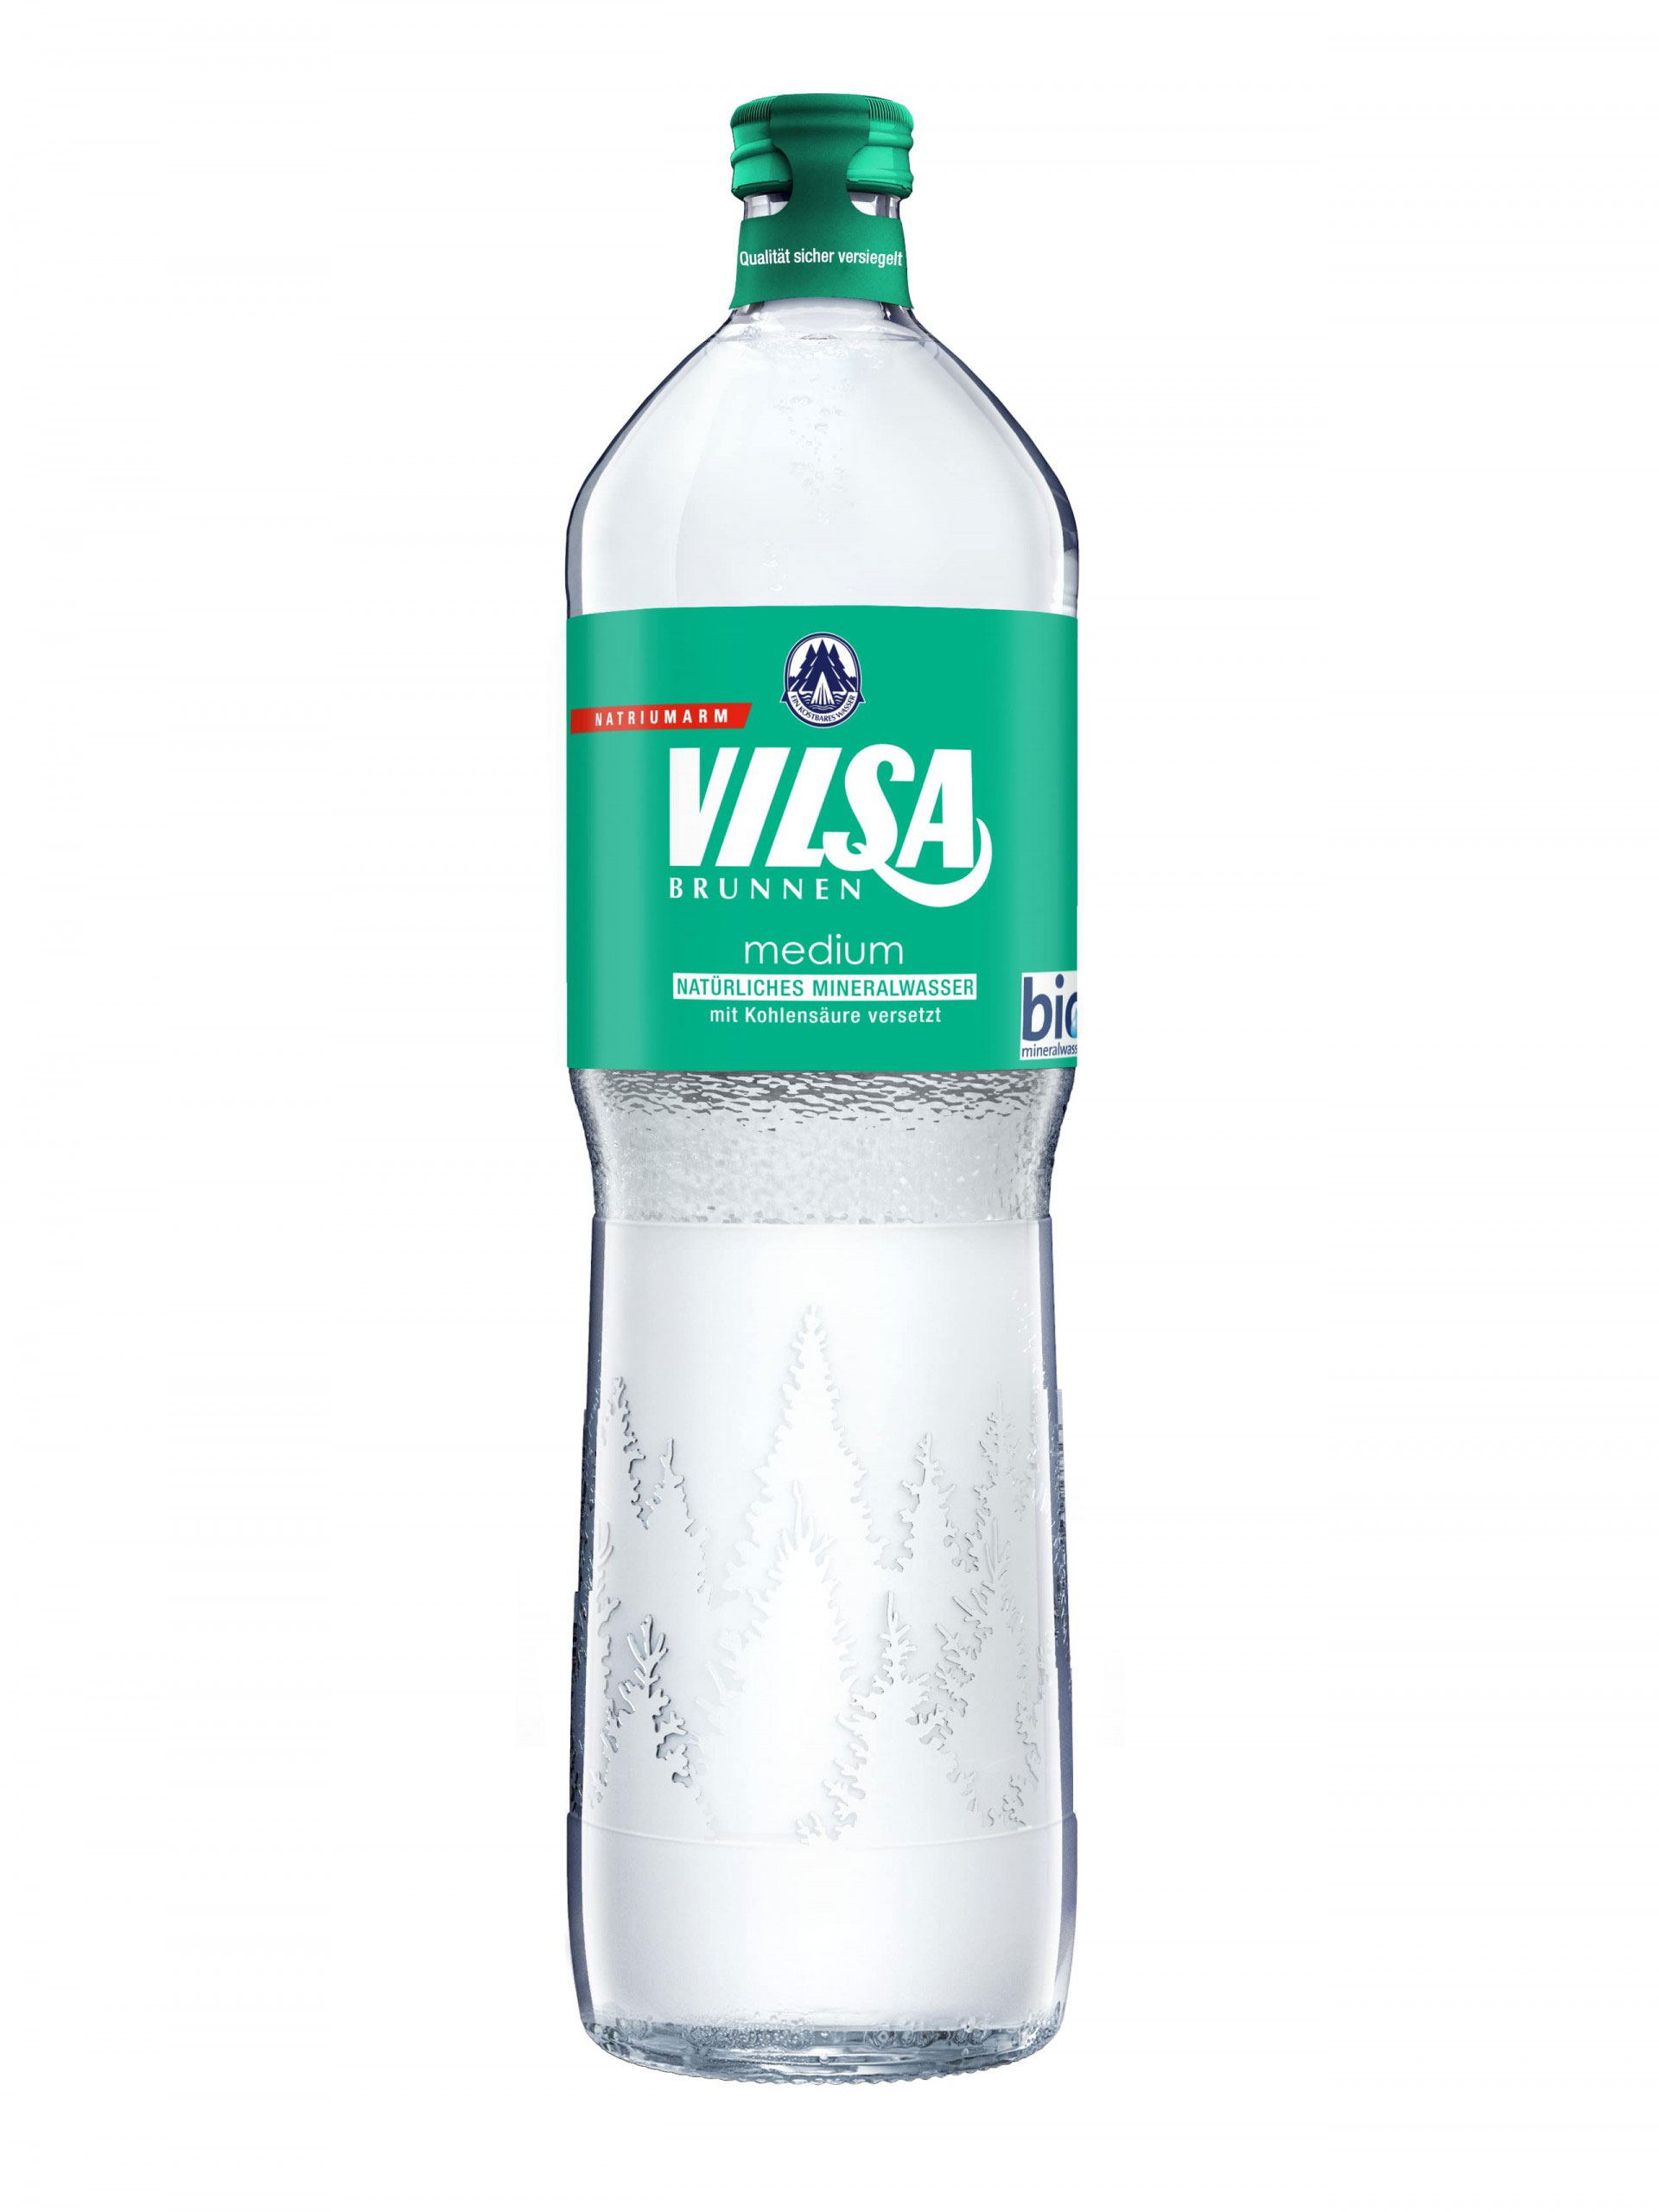 Mineralwasserflasche Vilsa medium mit grünem Etikett.